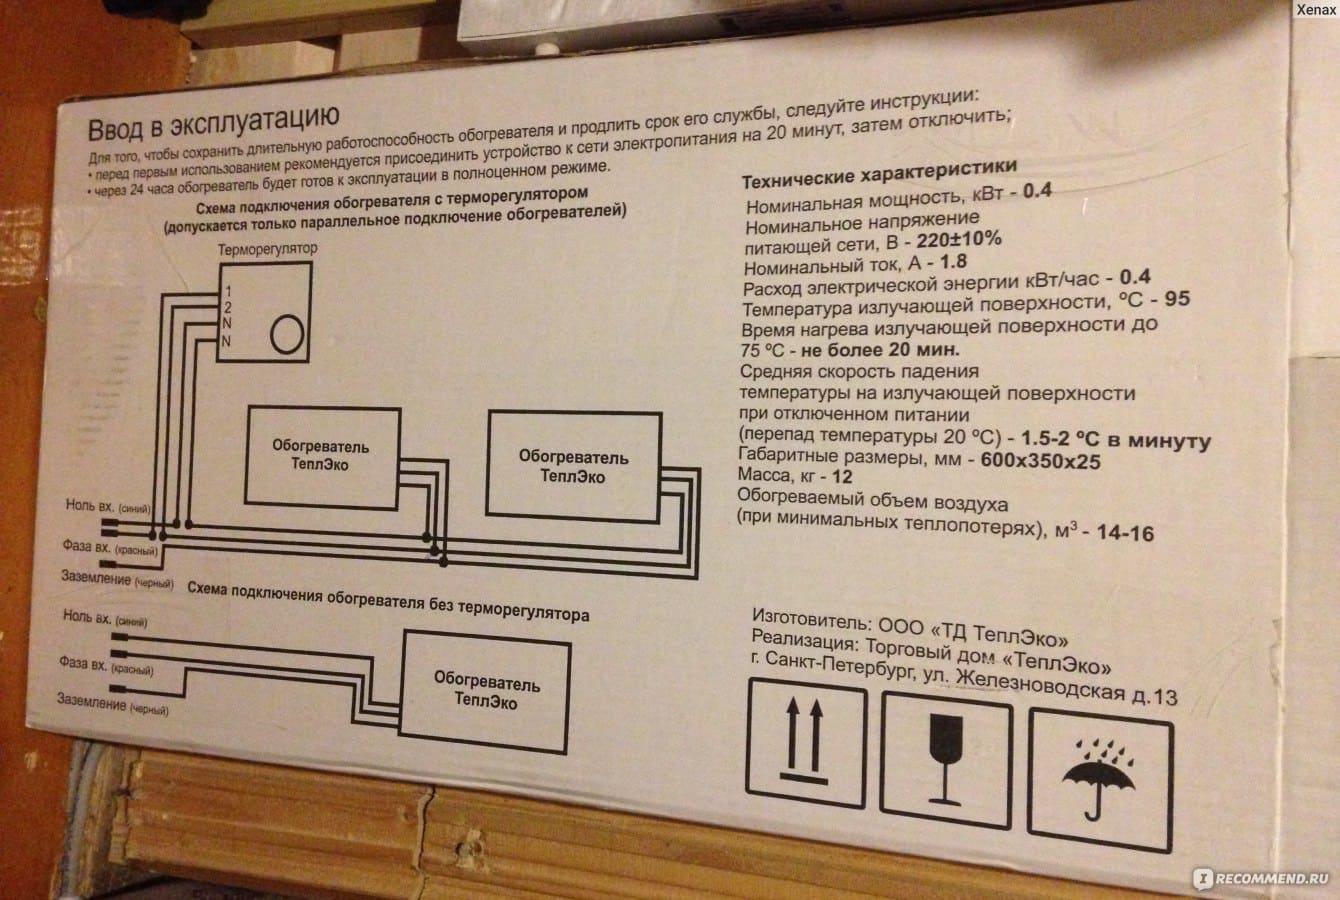 Обогреватели ТеплЭко - характеристики, плюсы и минусы, монтаж 16